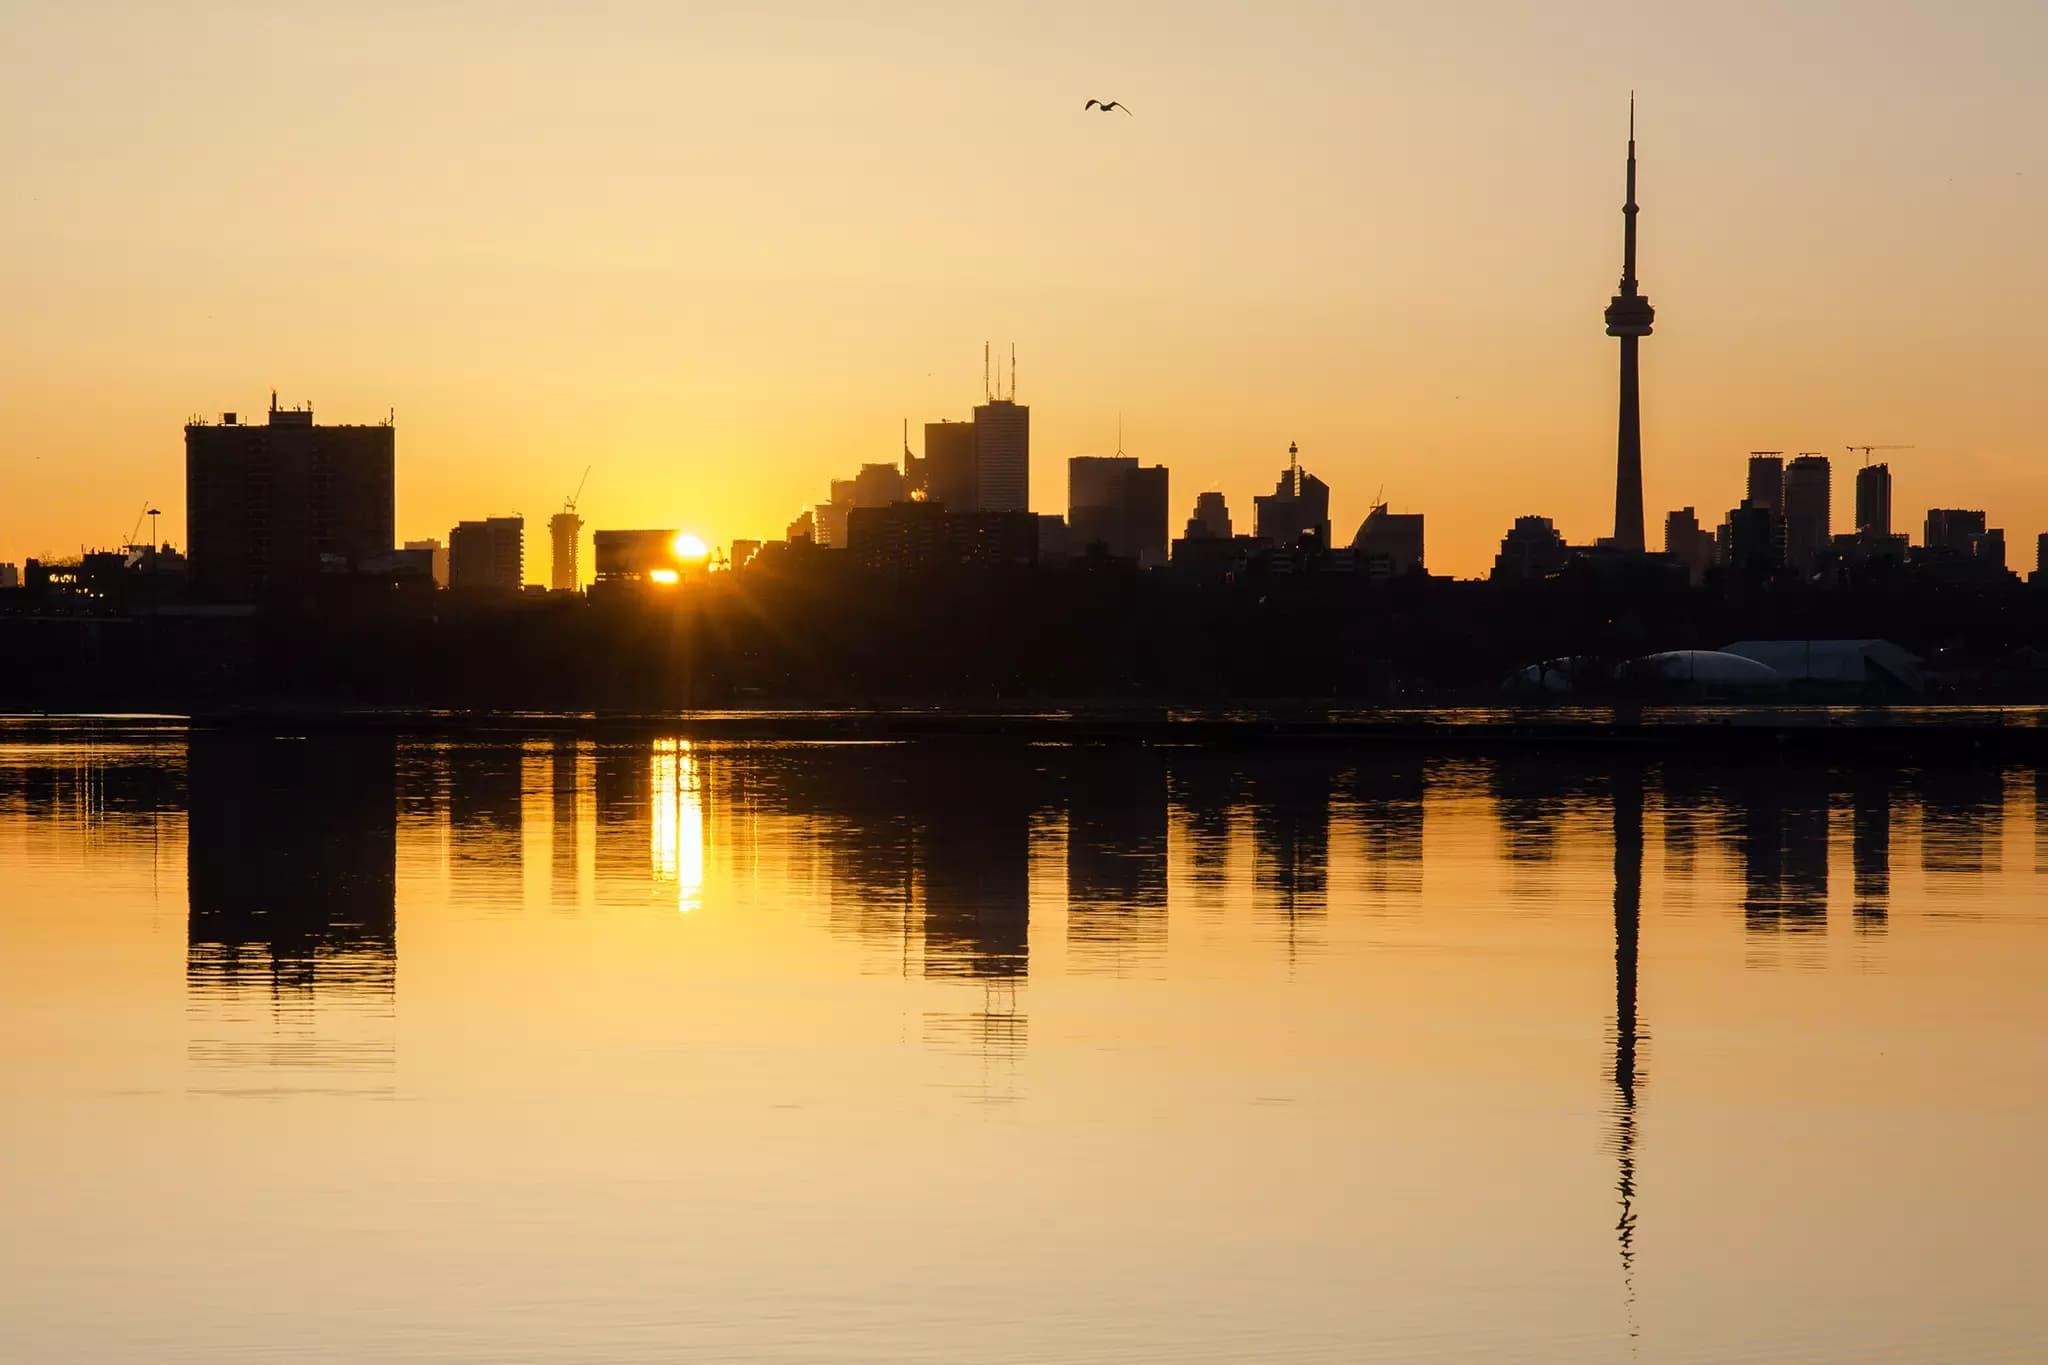 ورود موج گرما به تورنتو؛ دمای هوا این هفته به ۳۵ درجه میرسد